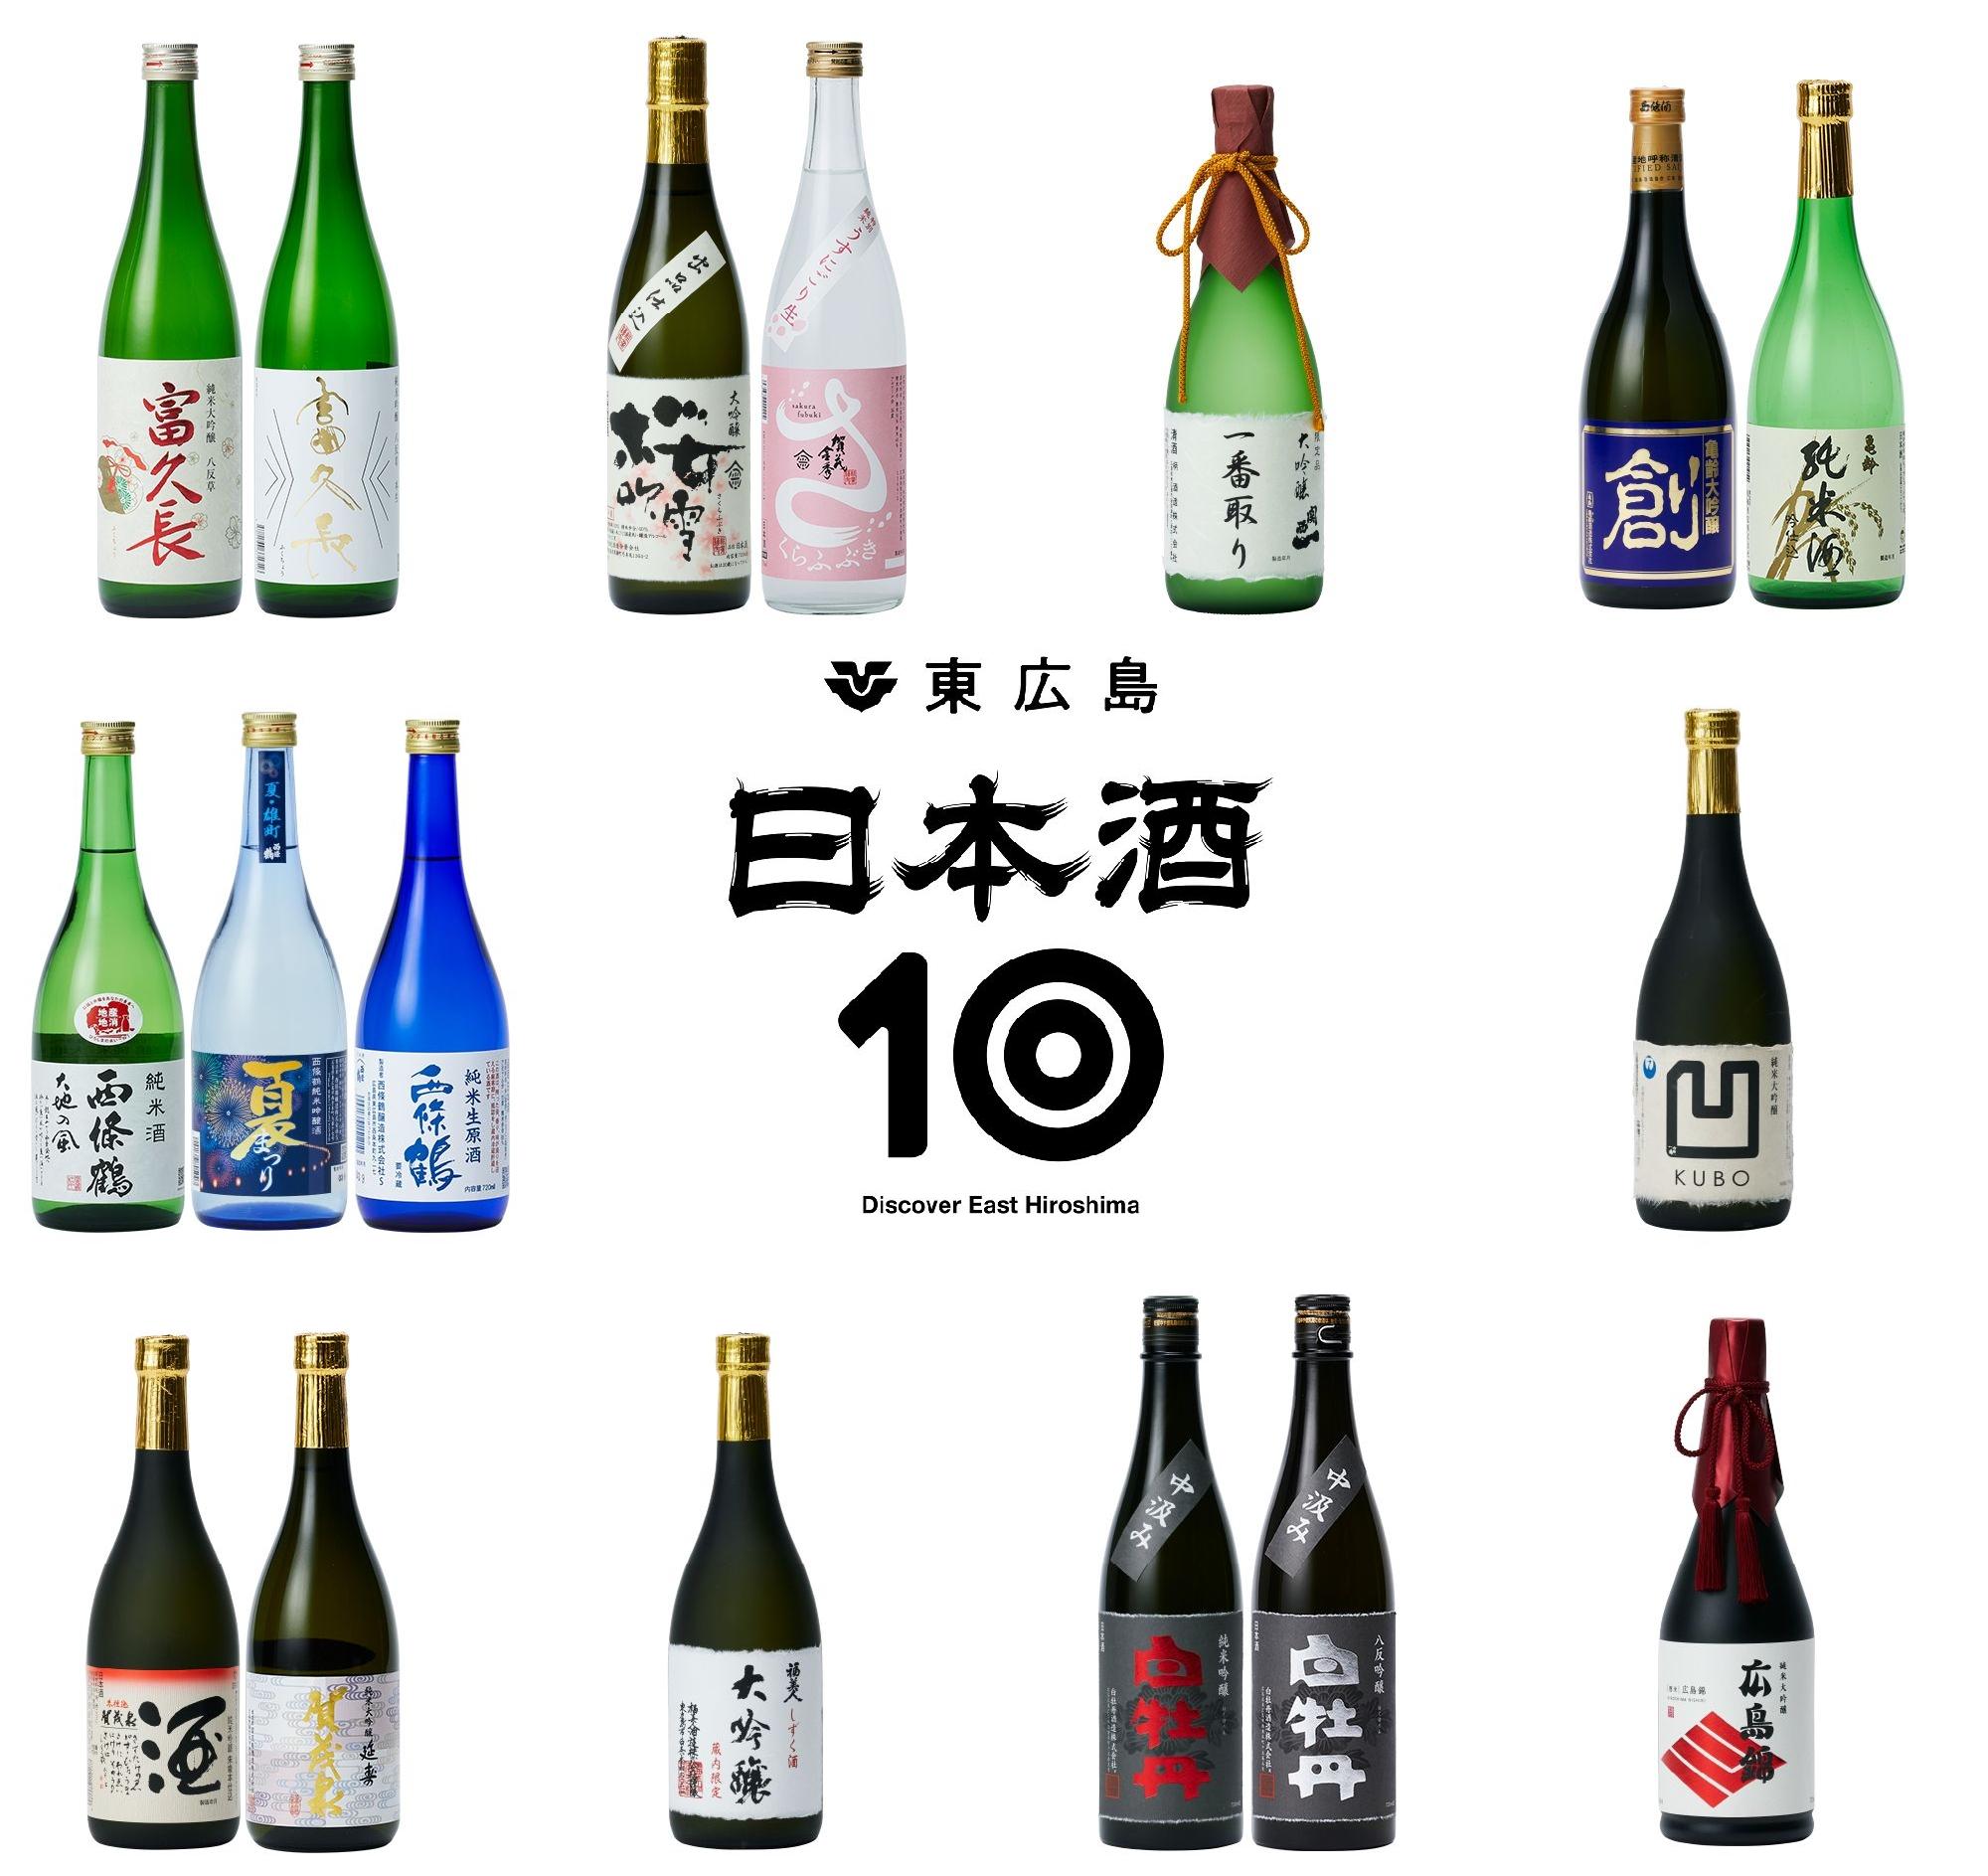 【東広島市ふるさと納税限定返礼品】蔵元厳選の日本酒が毎月届く「東広島の日本酒10蔵定期便」が登場